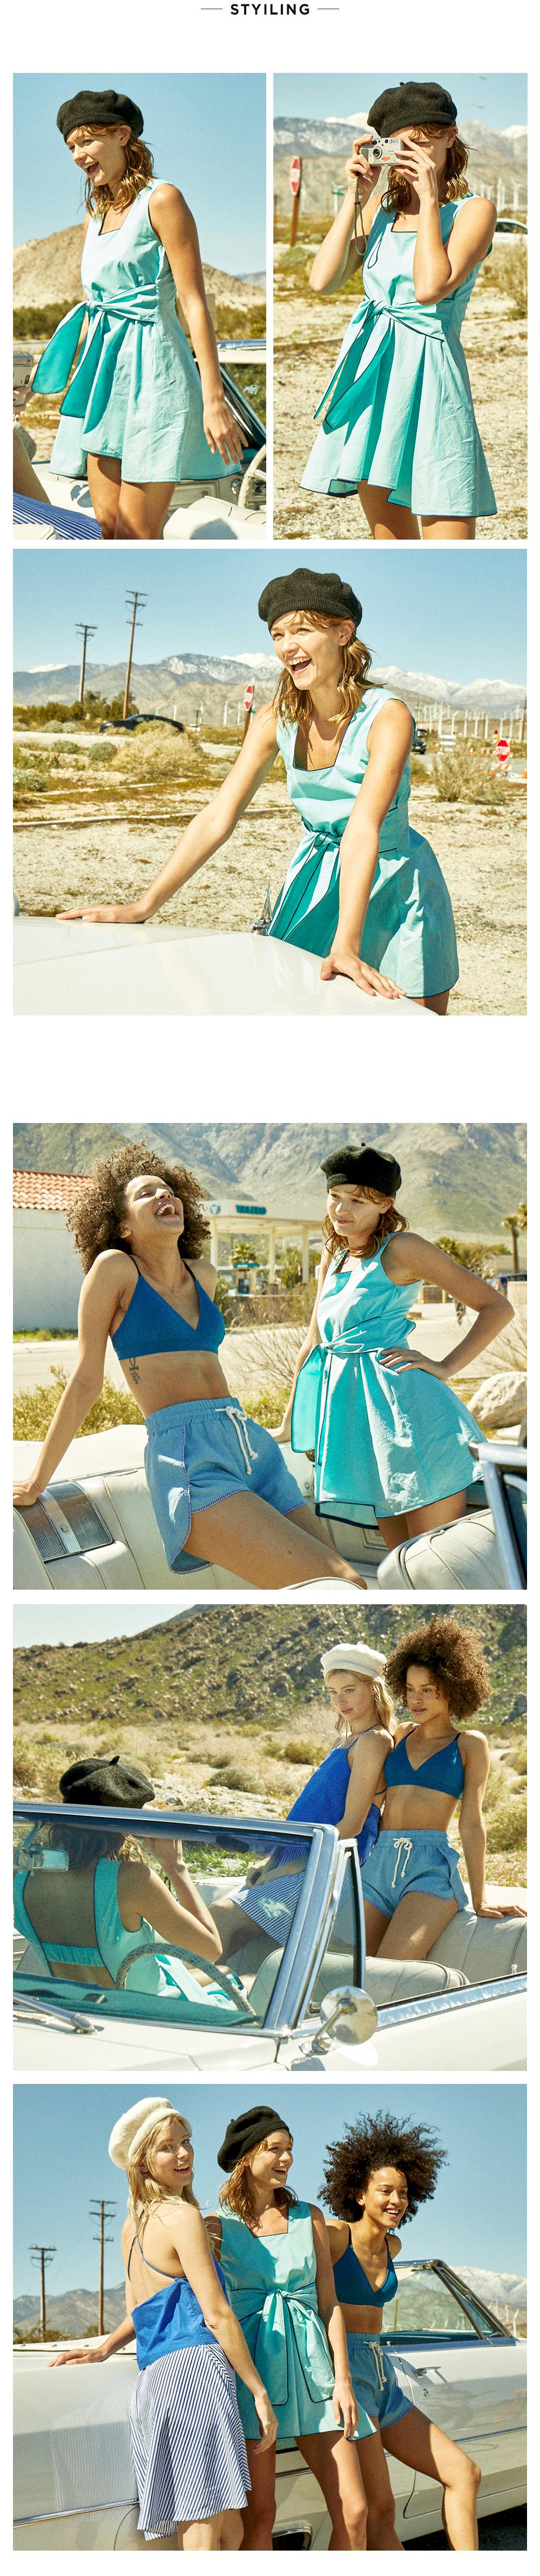 코랄리크(CORALIQUE) 티파니 리본 드레스 원피스 리조트웨어_터키/블랙 CQ-OS19501TK